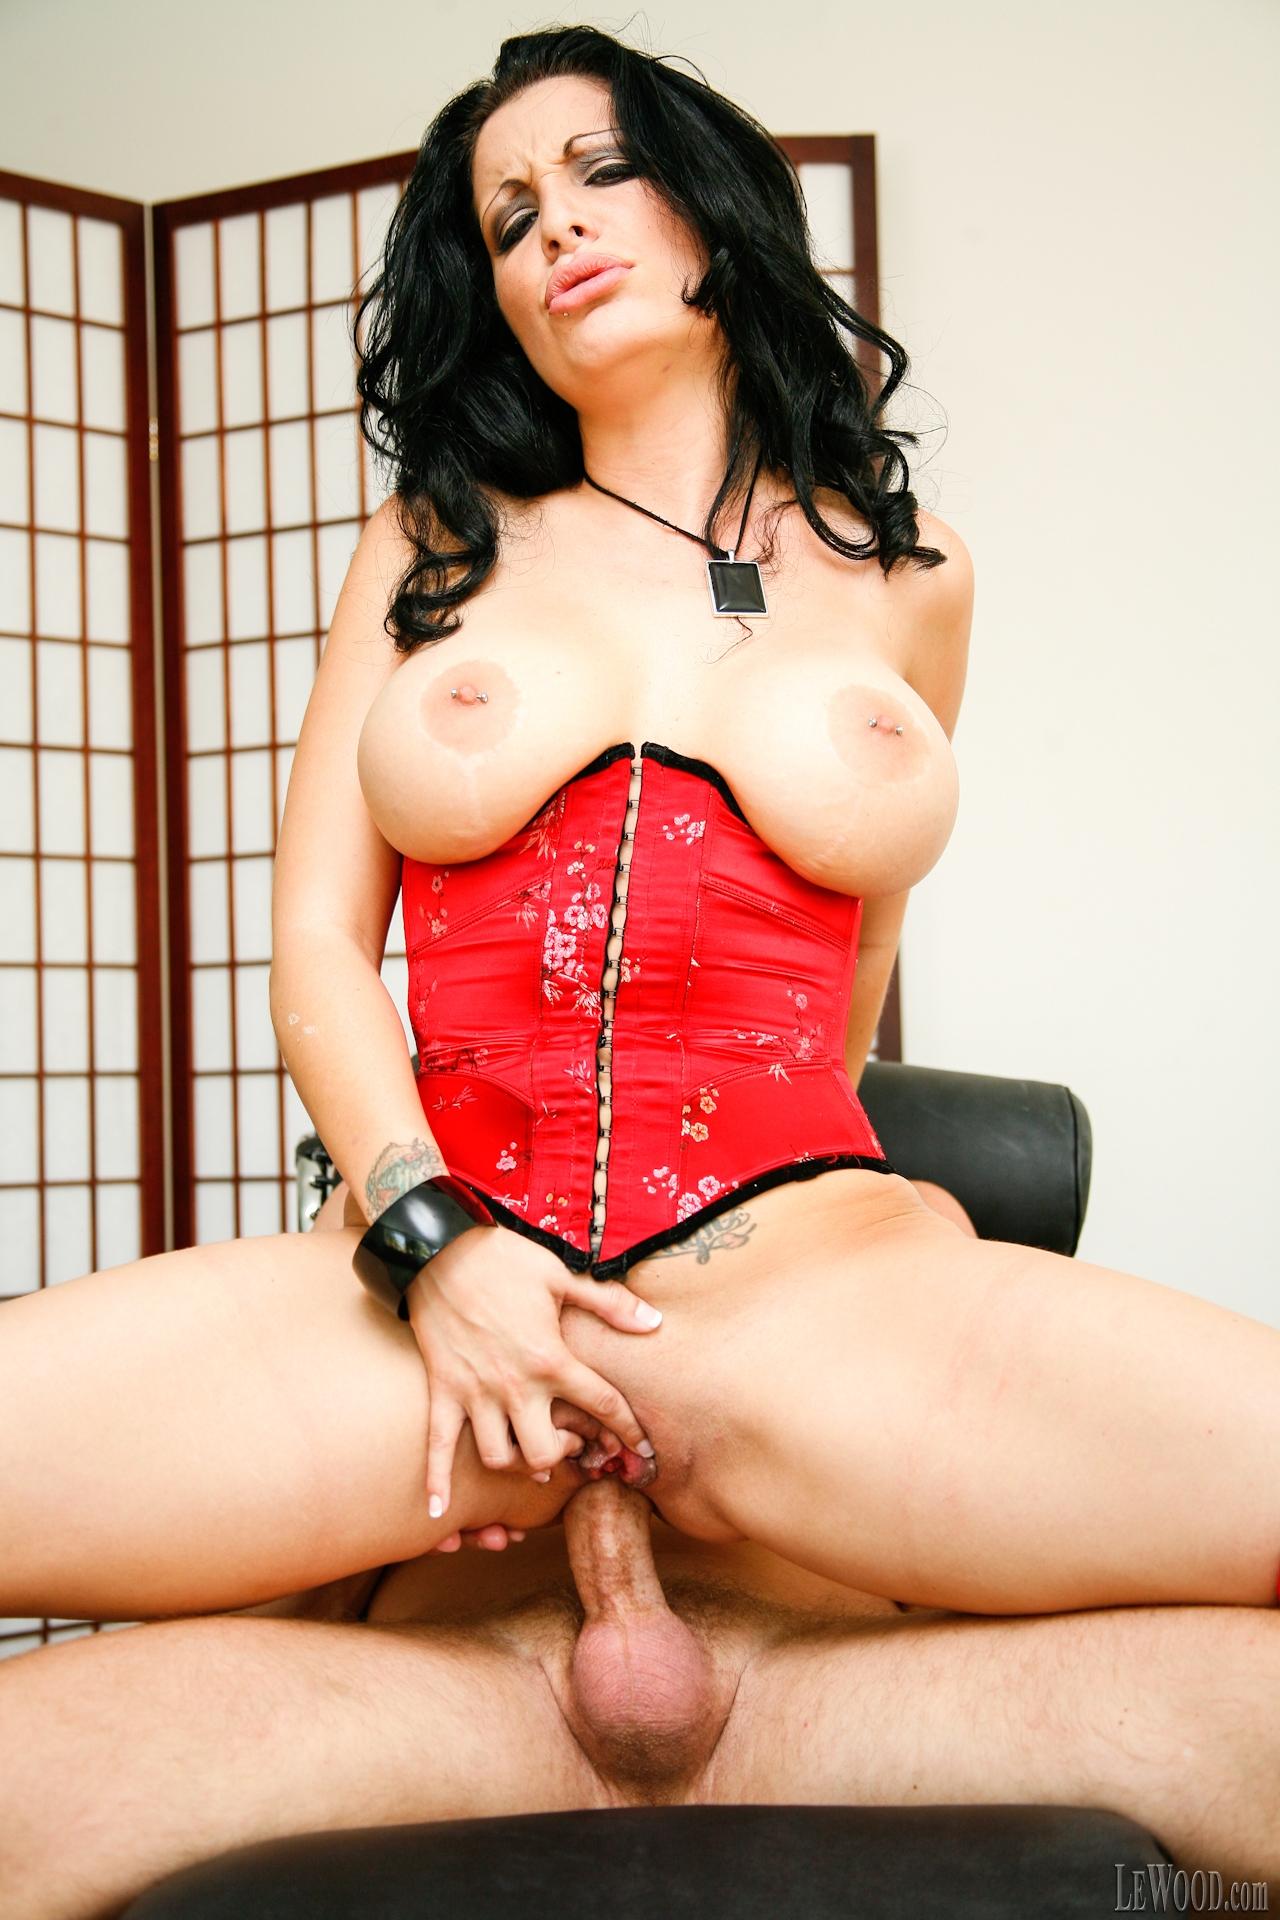 Anal sex porn photos. Gallery - 1287. Photo - 10